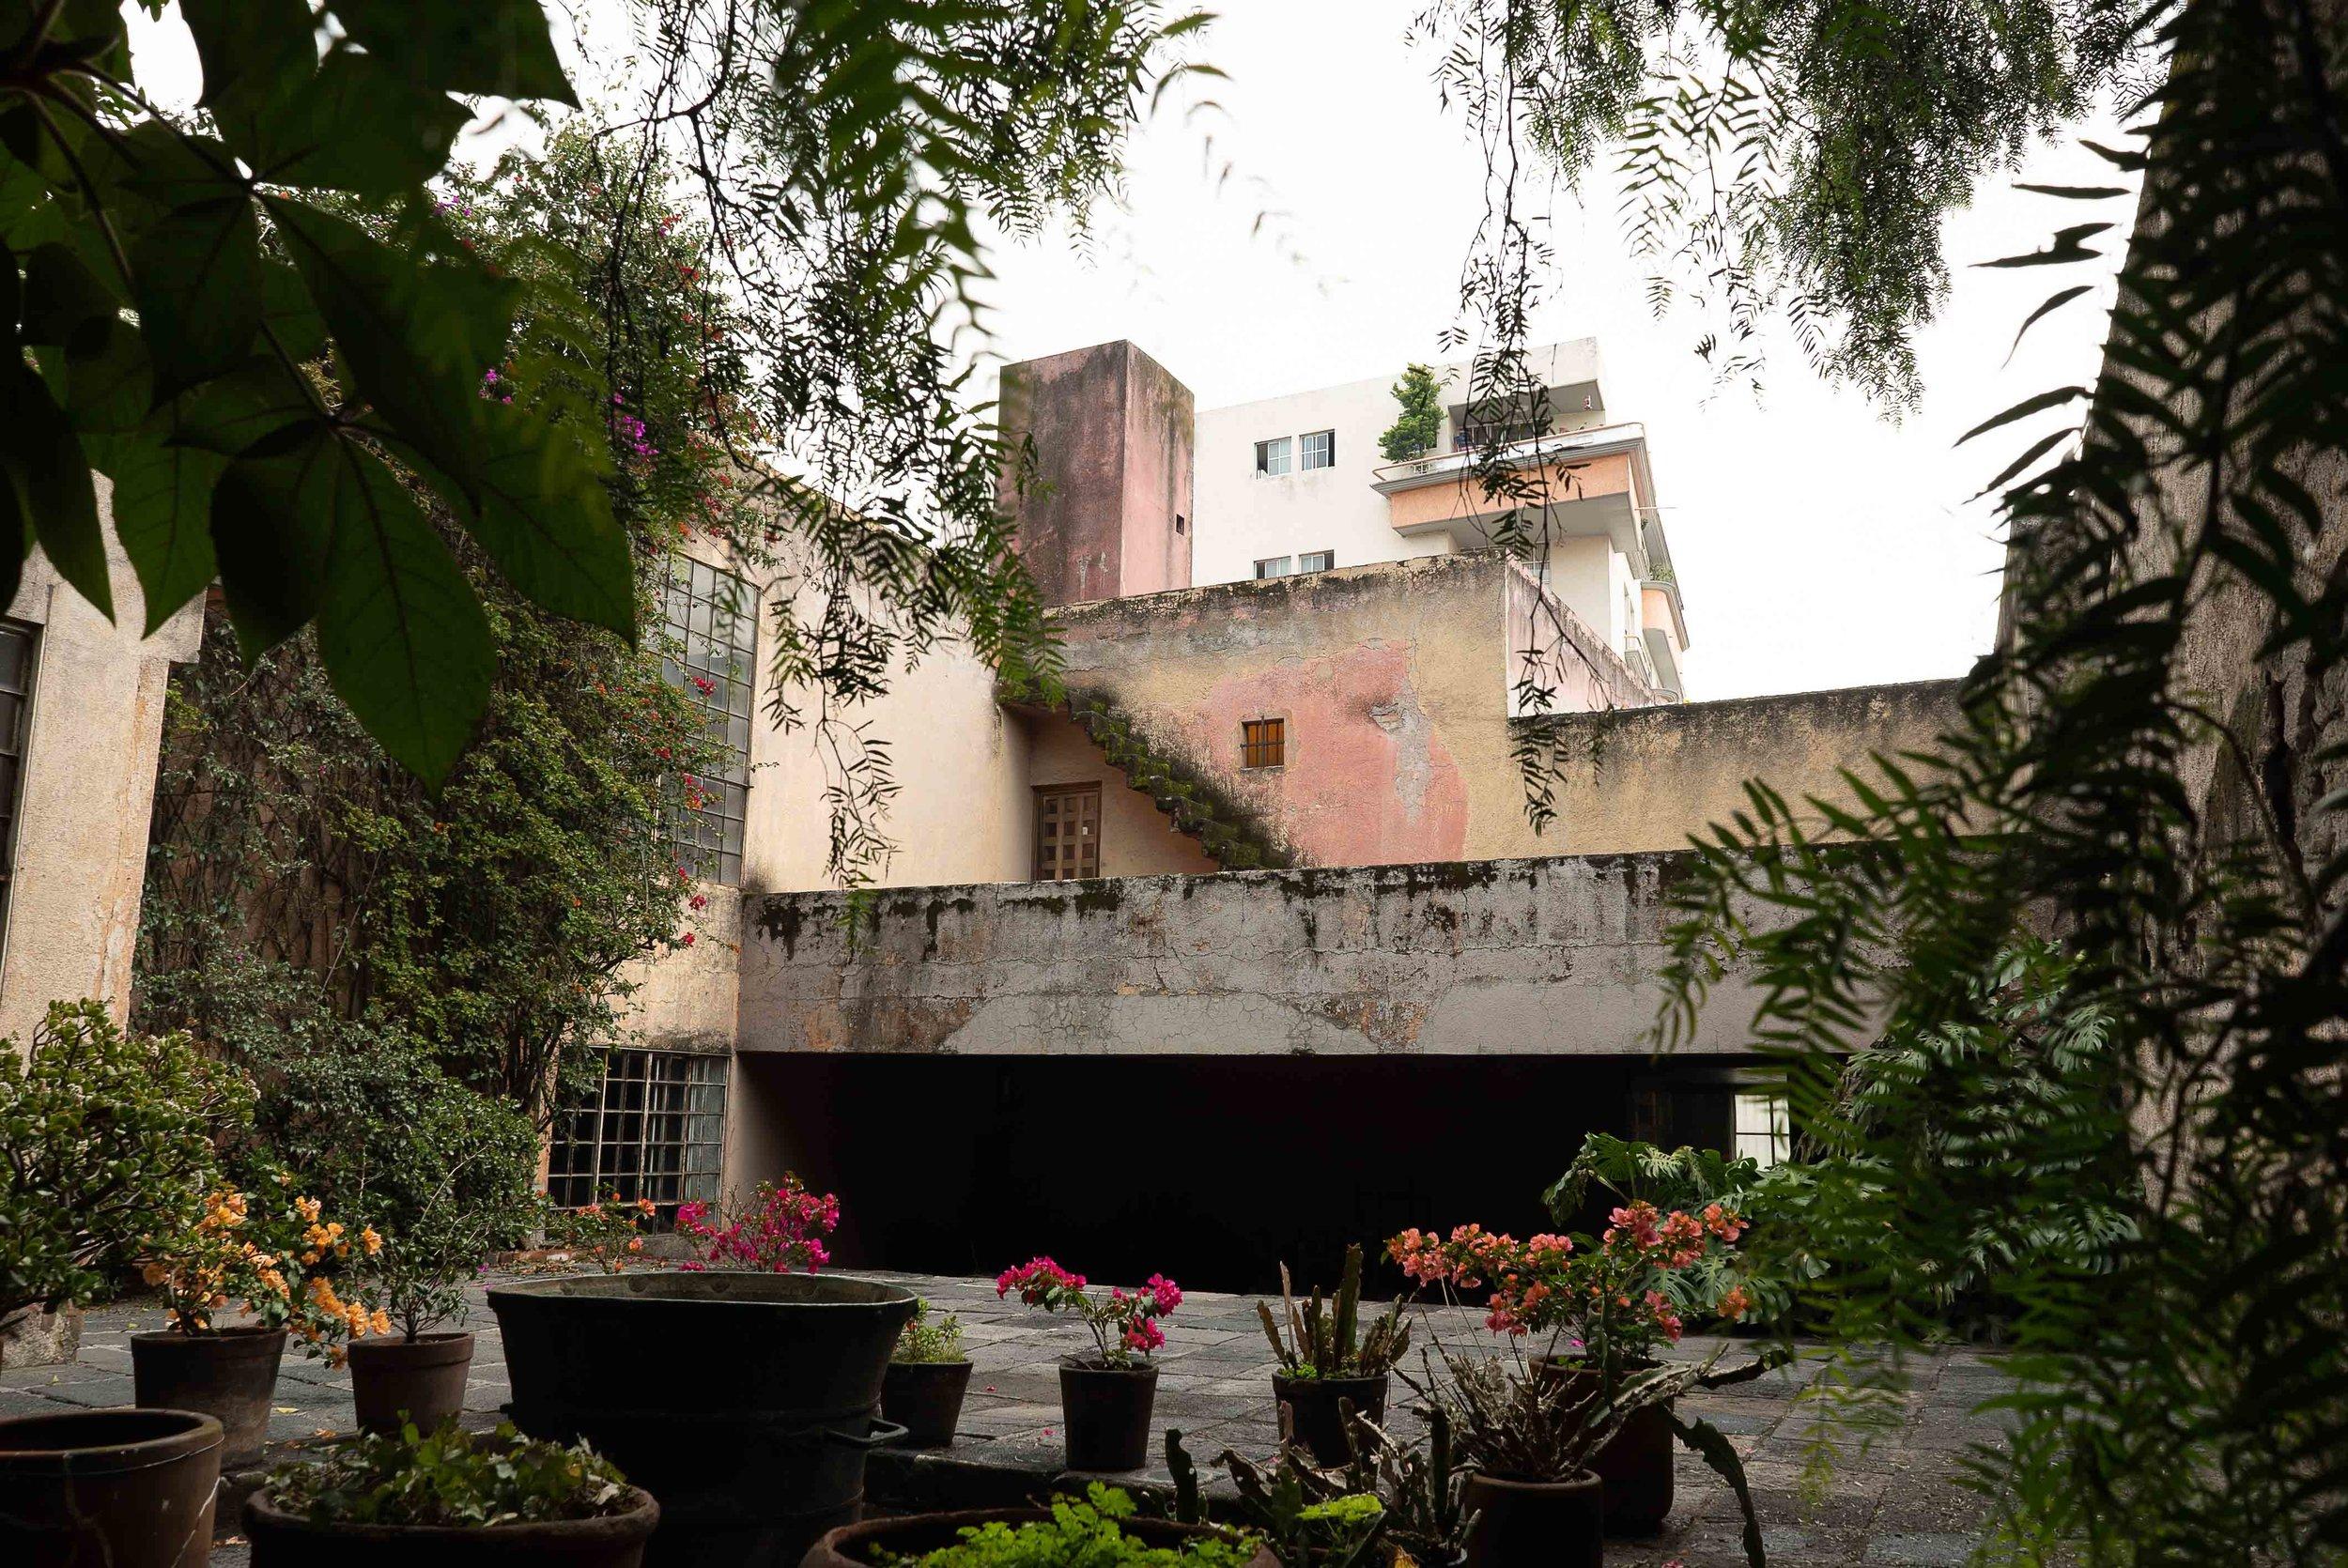 Esta escalera de concreto en la Casa Ortega luego fue duplicada y mejorada en la casa estudio de Barragán. Su uso temprano de muros de colores y formas geométricas también se hace evidente aquí.